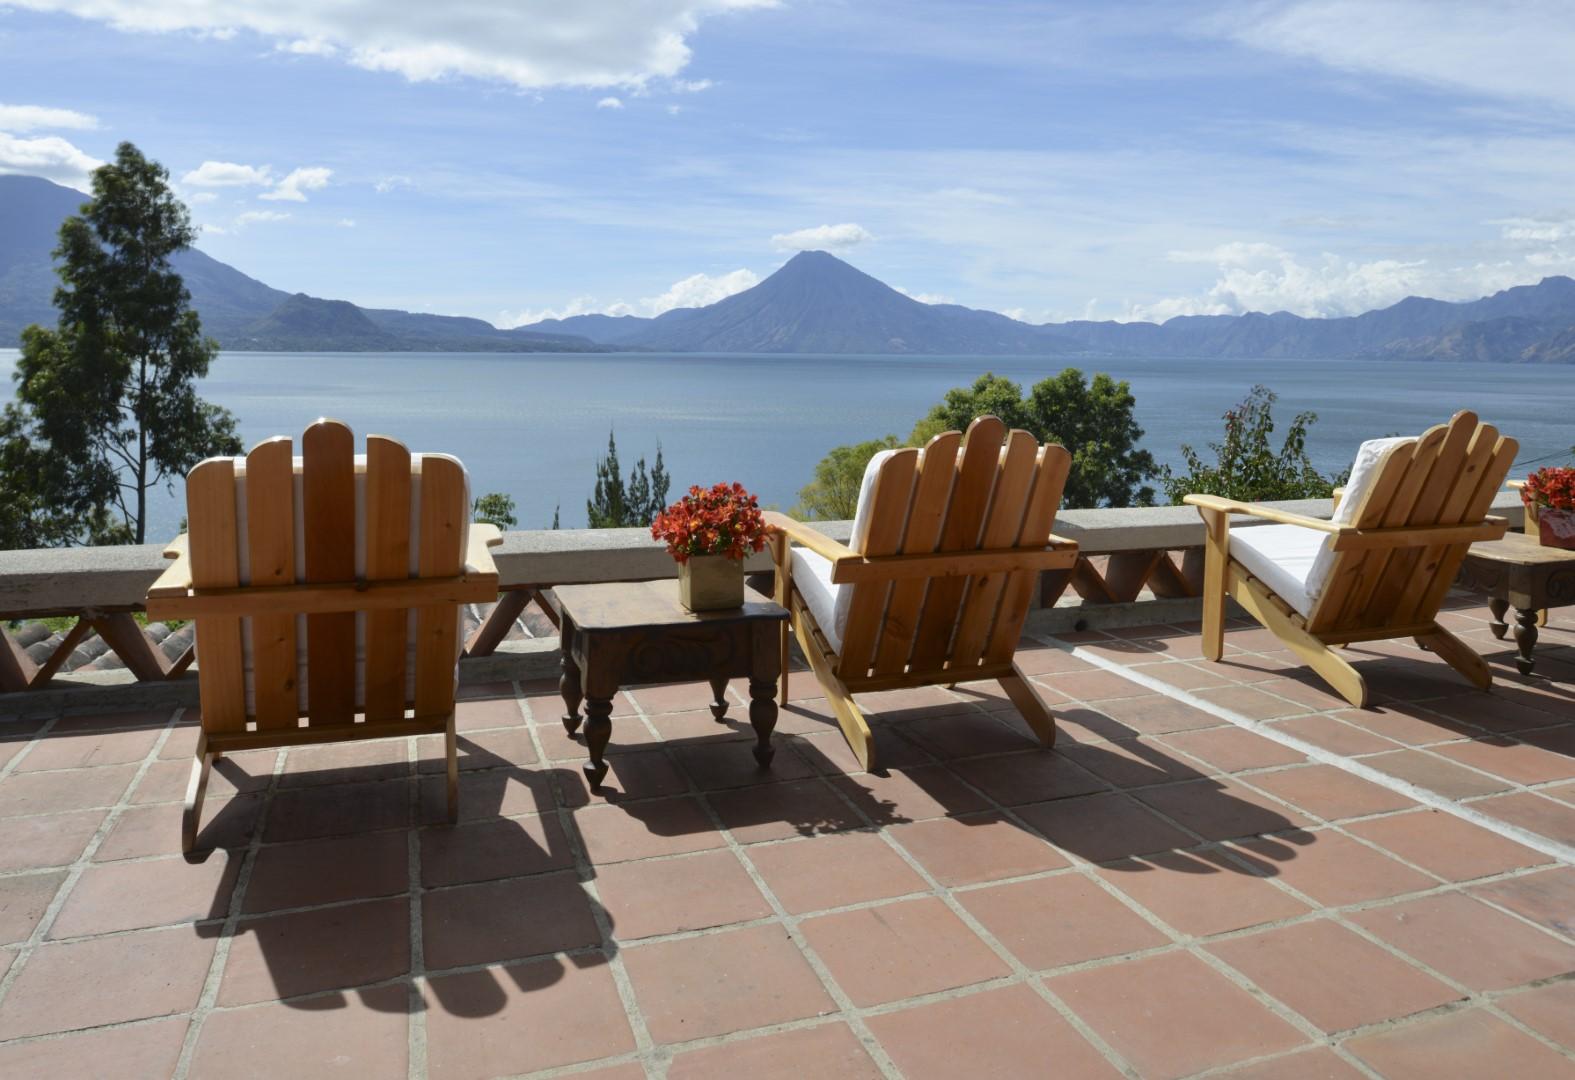 Seating with lake view at Casa Palopo in Lake Atitlan